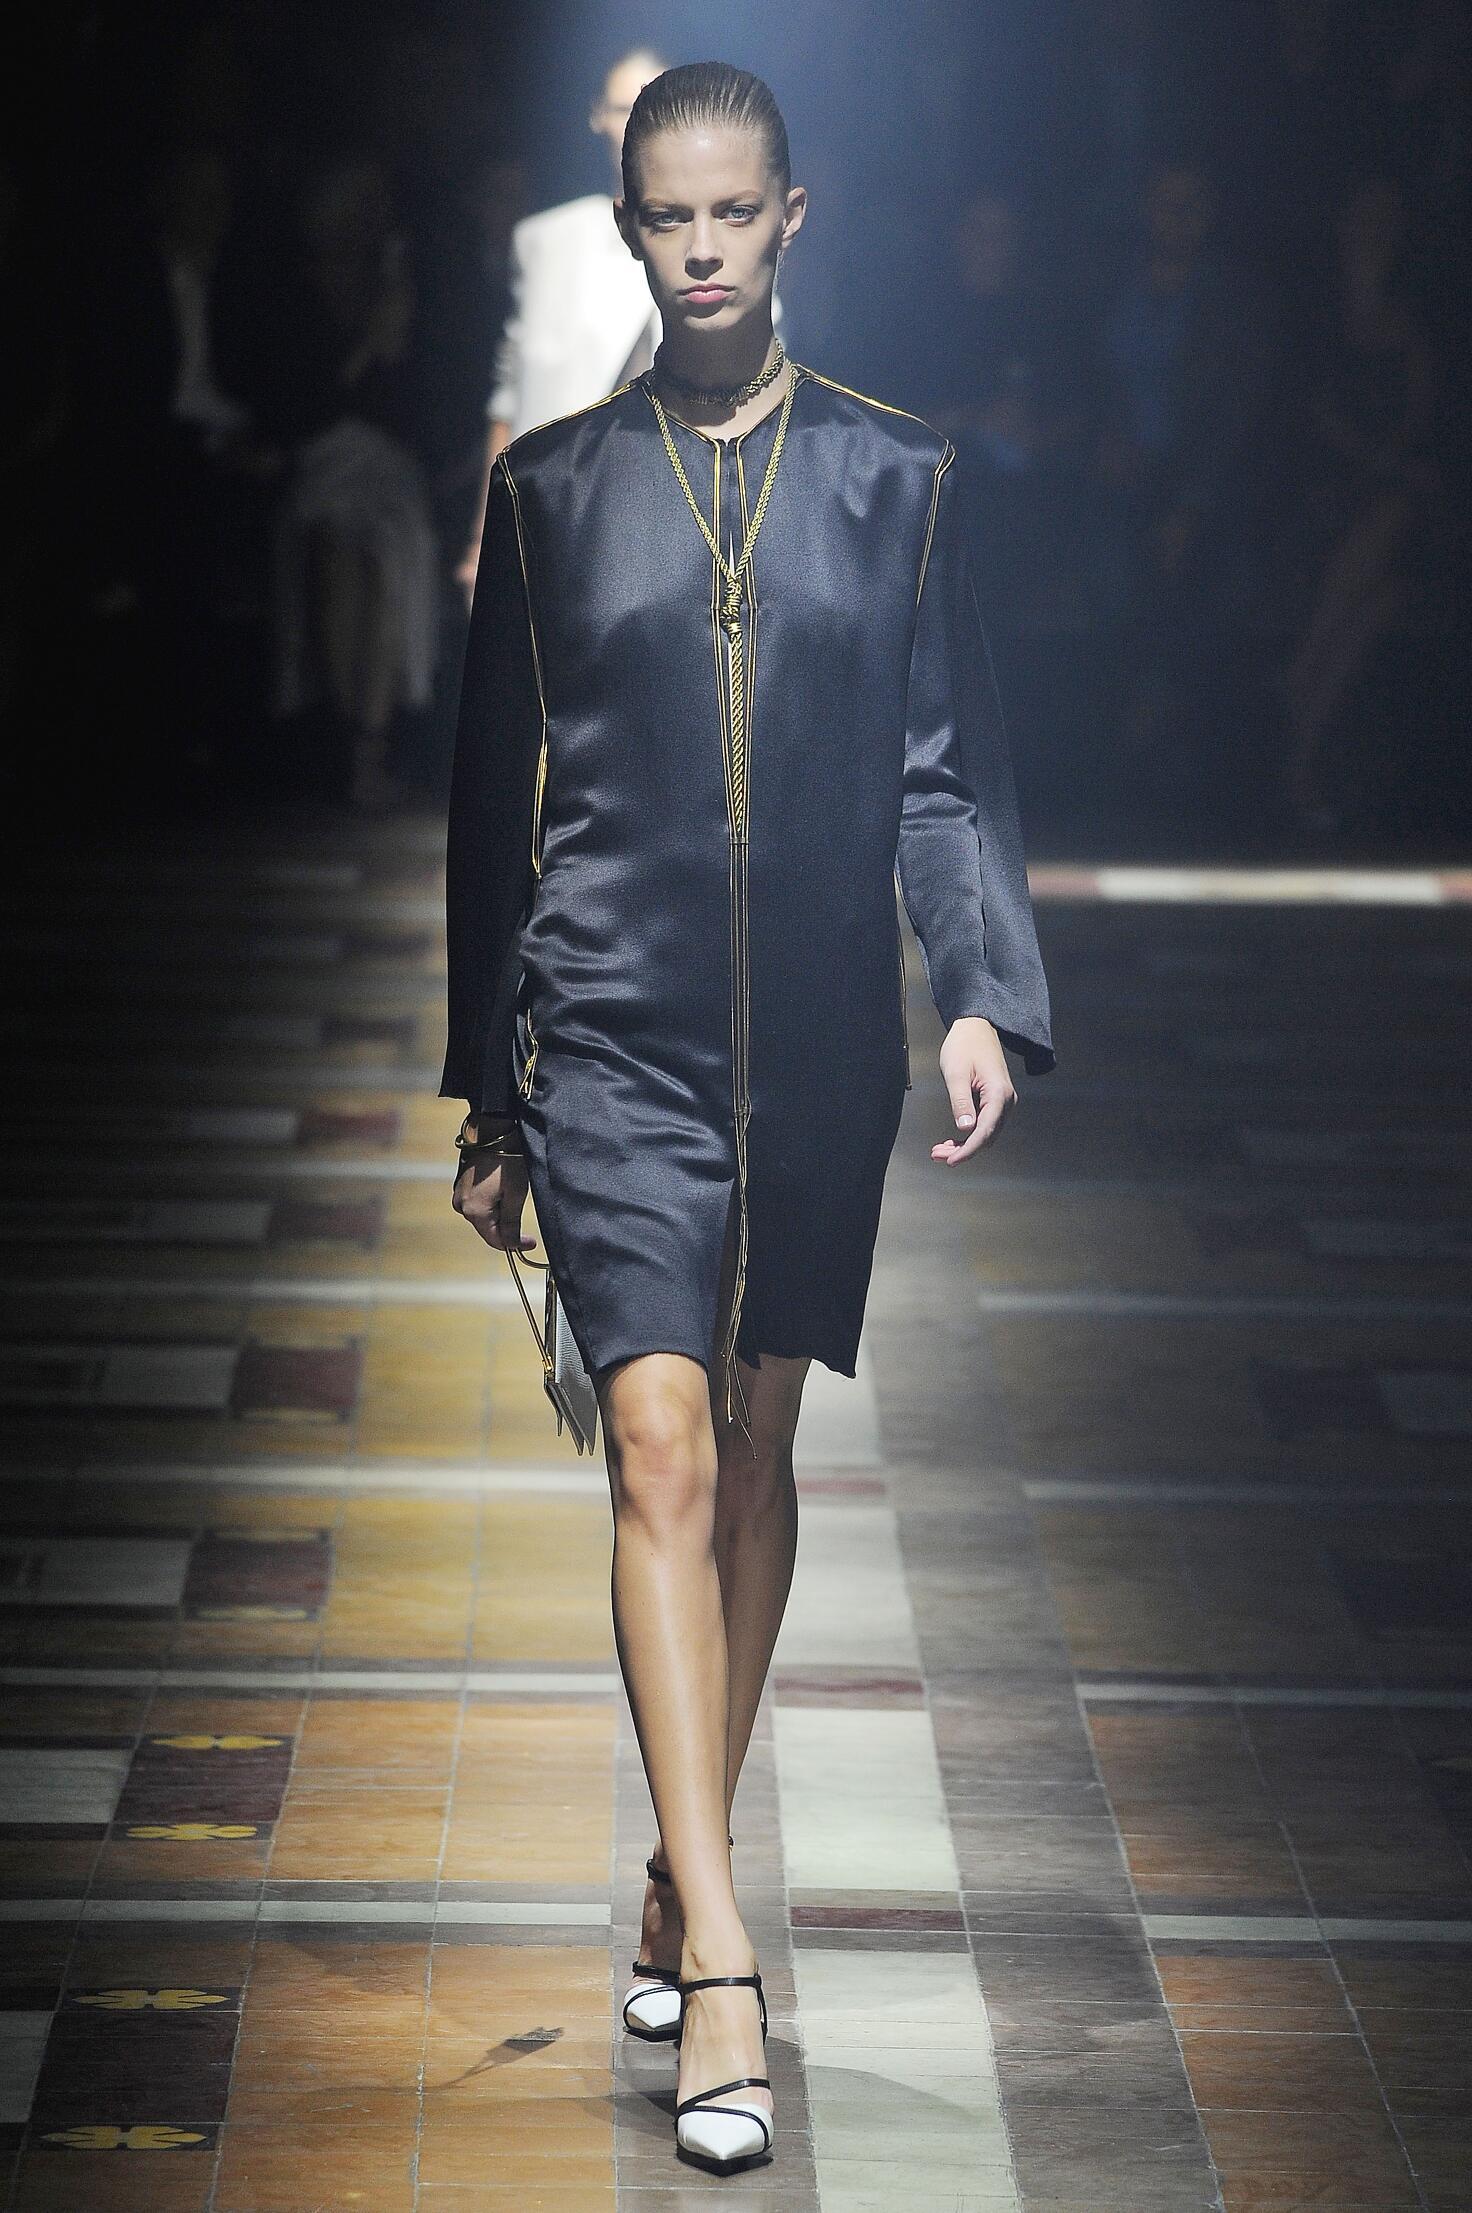 Fashion Woman Model Lanvin Catwalk